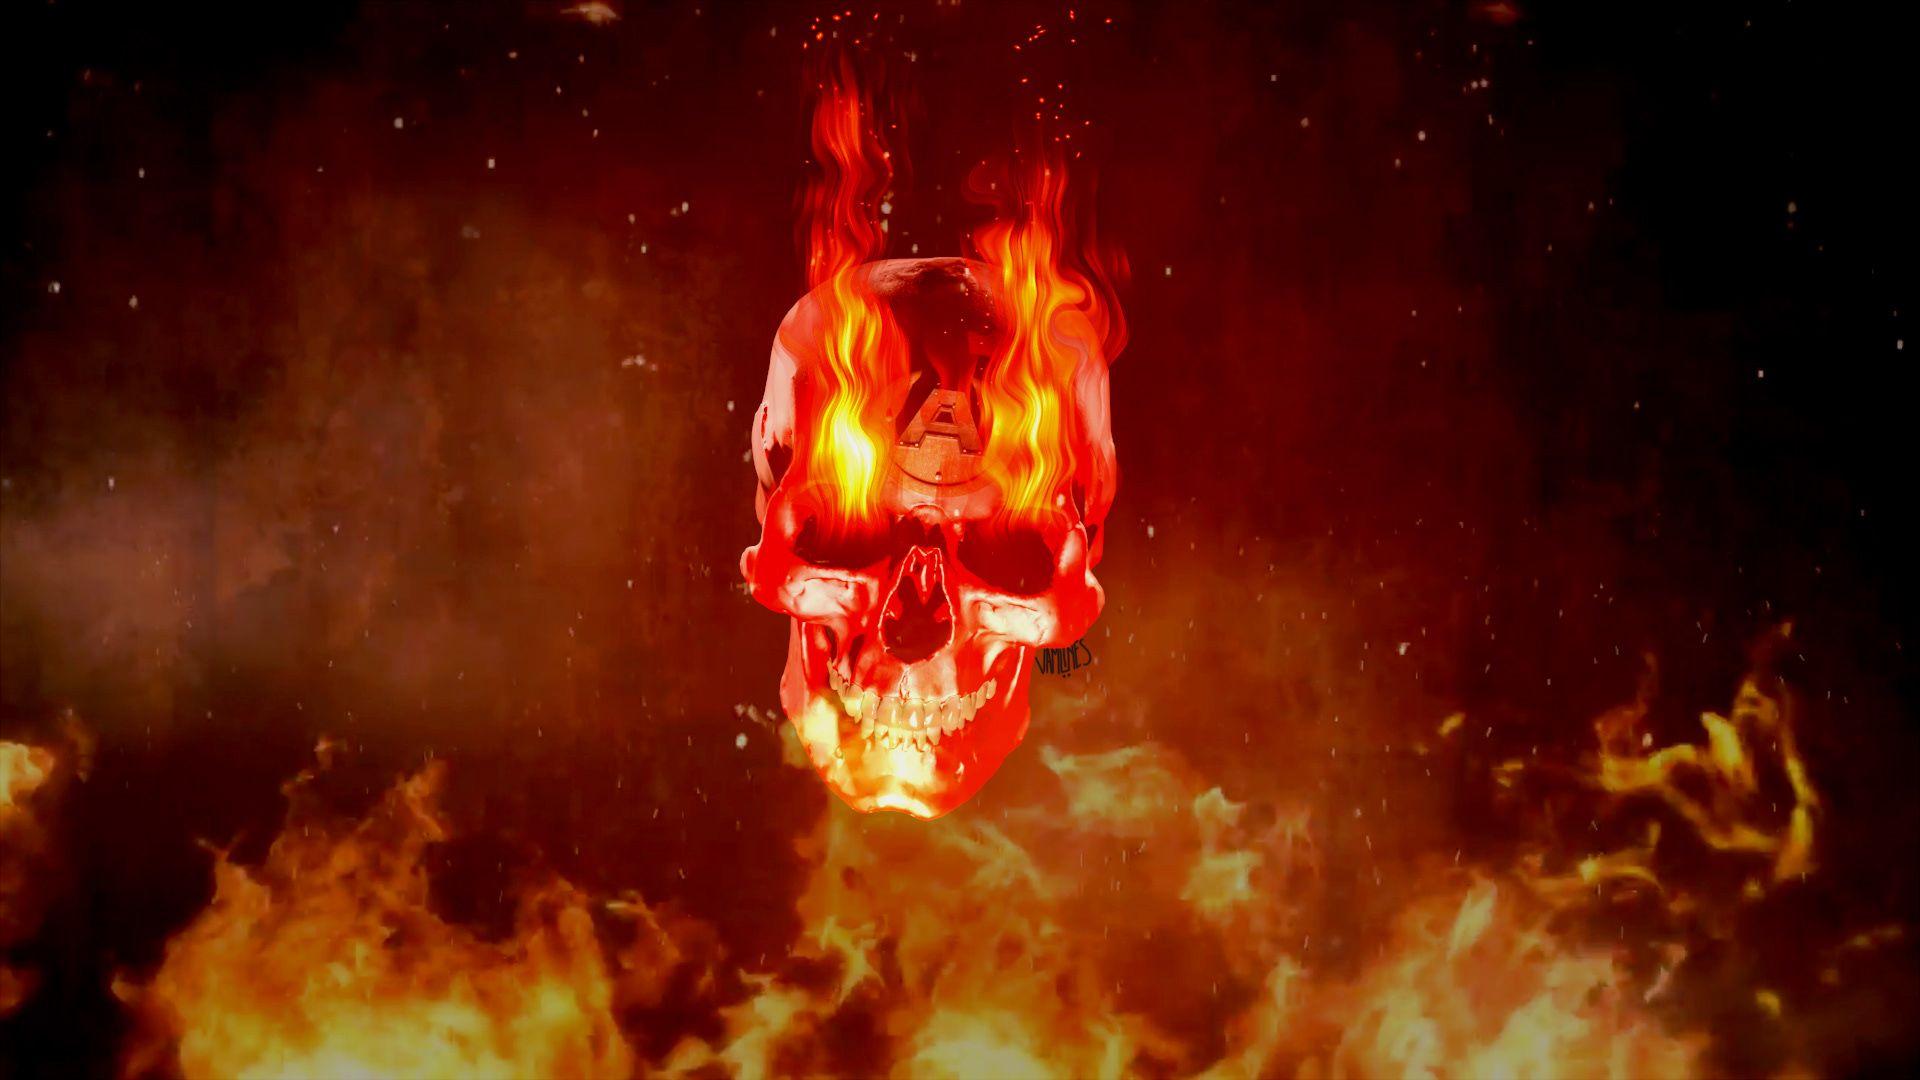 Flaming Skull HD Desktop Wallpaper